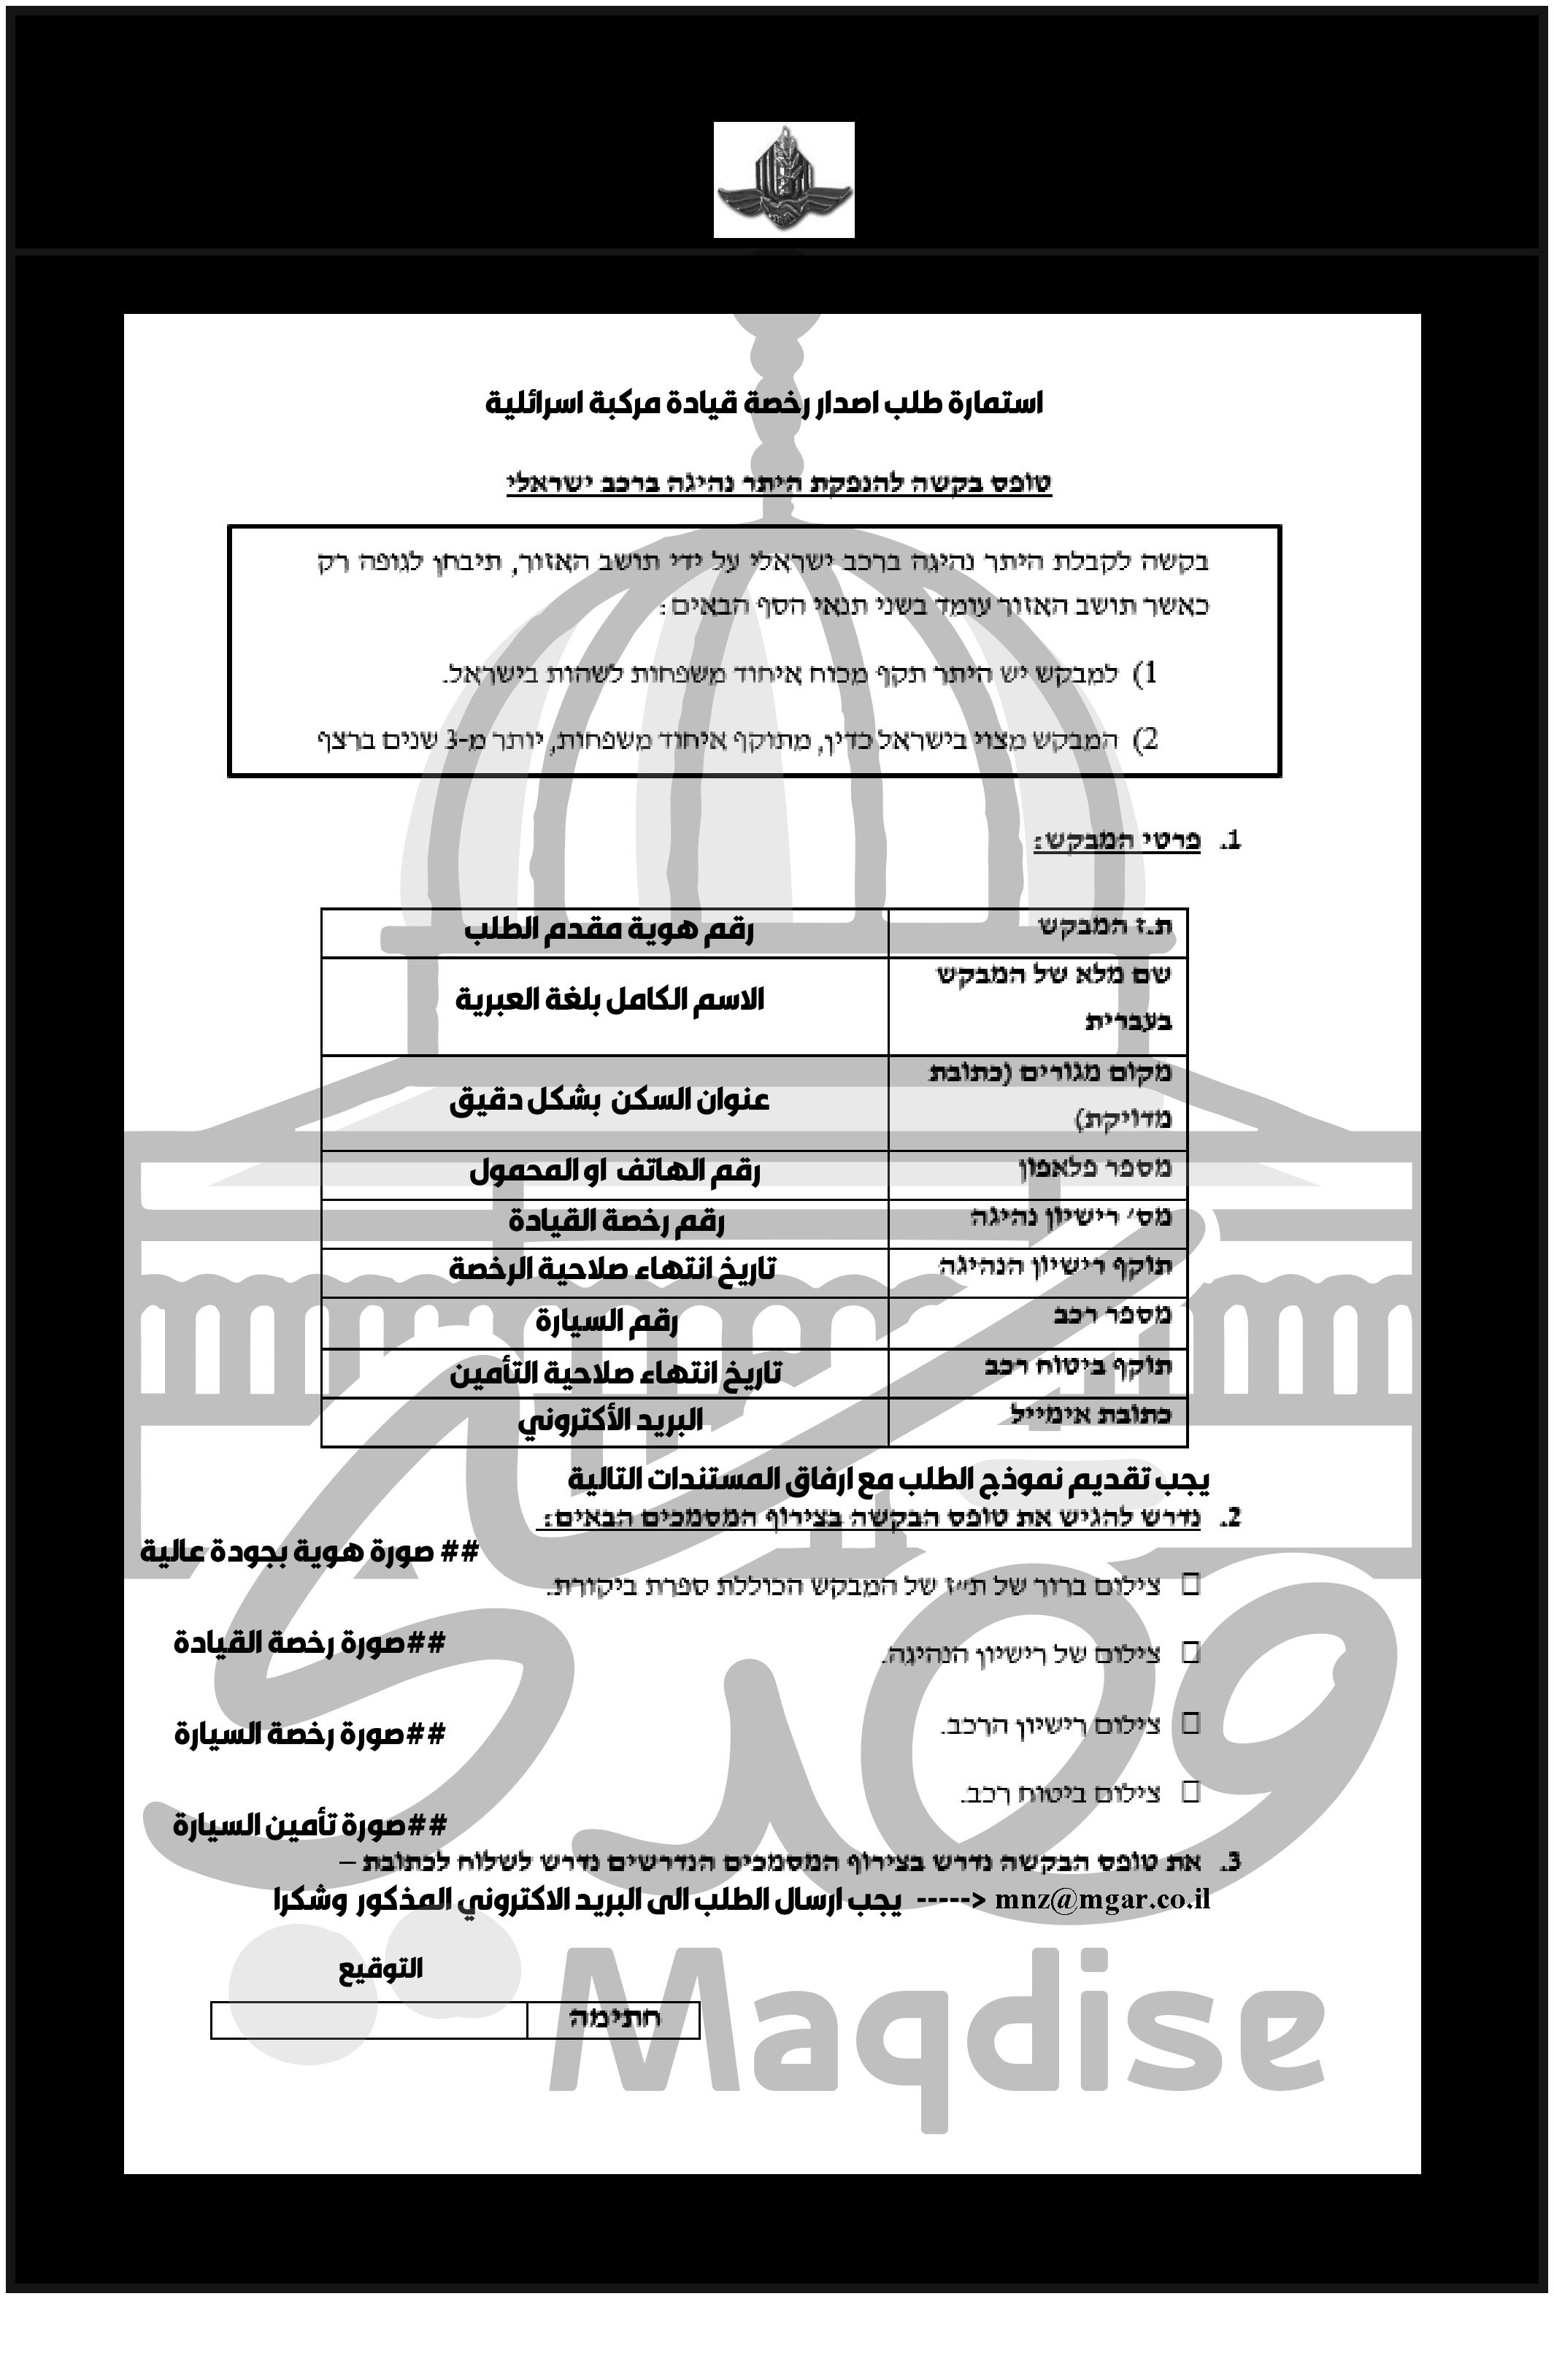 رخصة قيادة مركبة اسرائلية